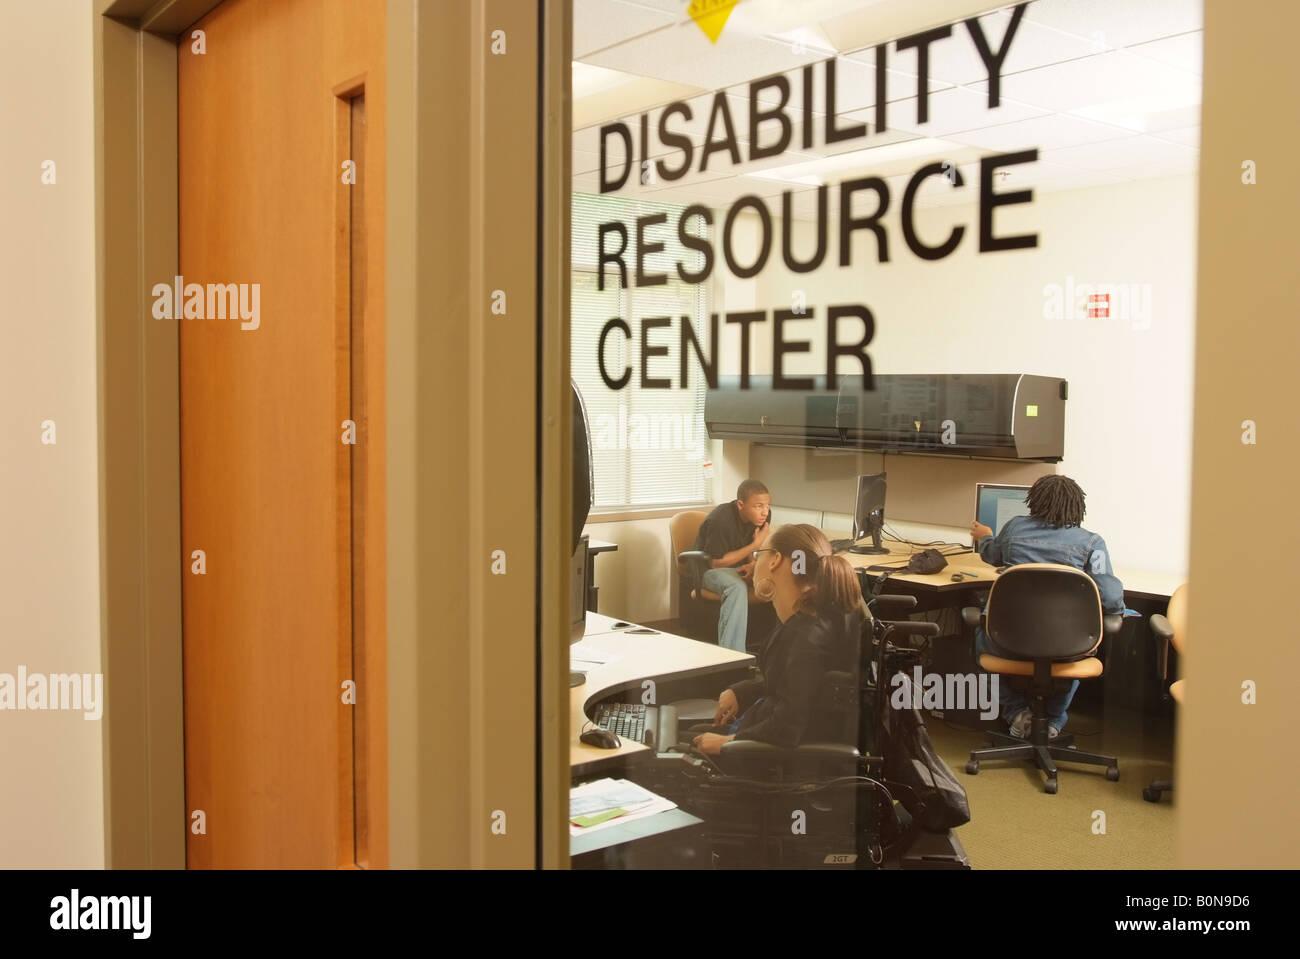 Accesso per disabili Centro risorse a Bowie Università dello Stato del Maryland USA Immagini Stock